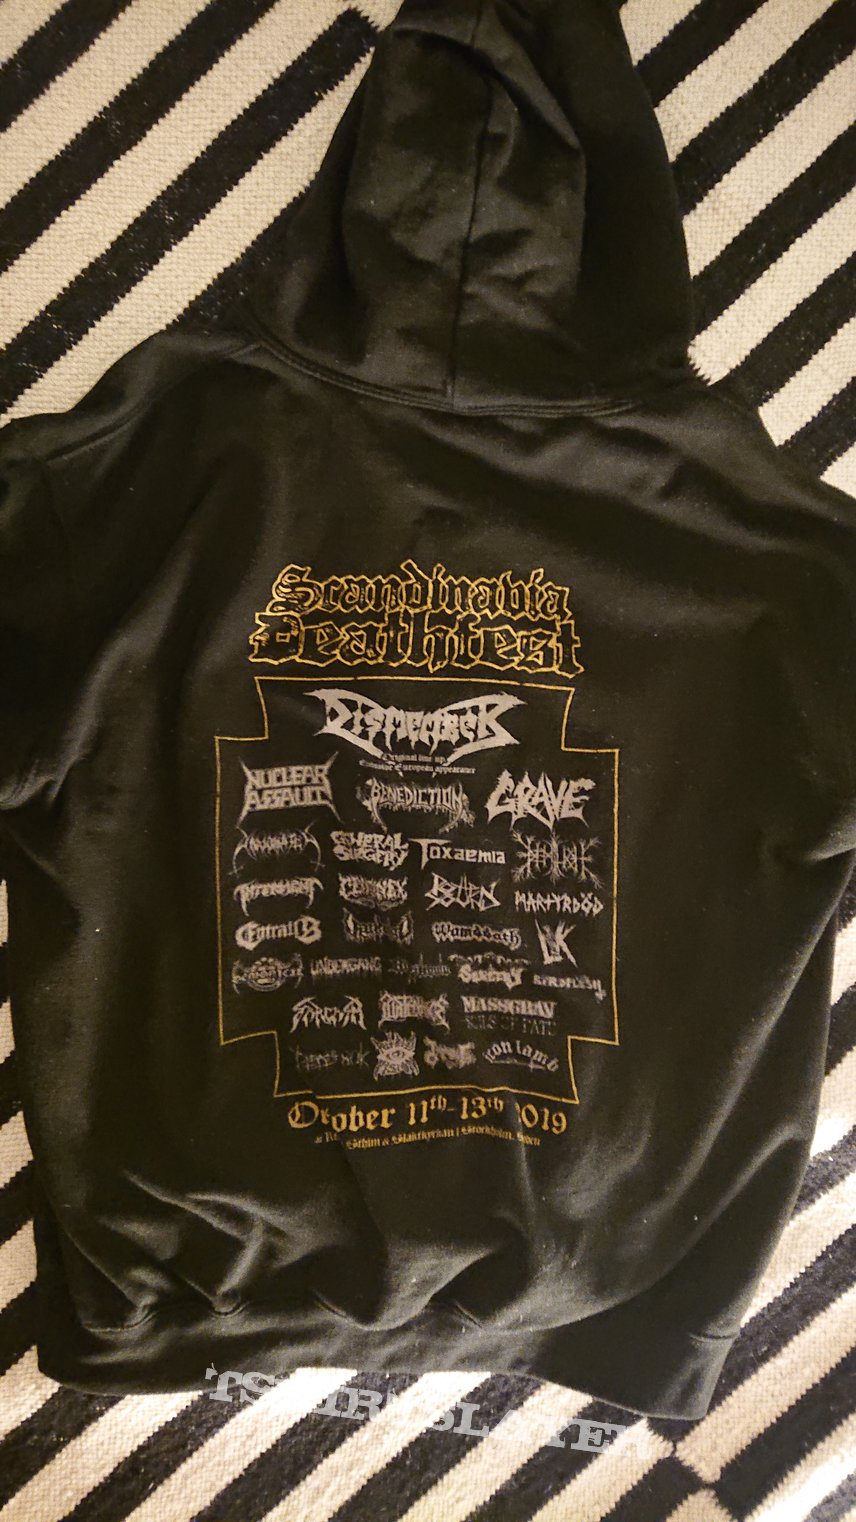 Scandinavia Deathfest hoodie